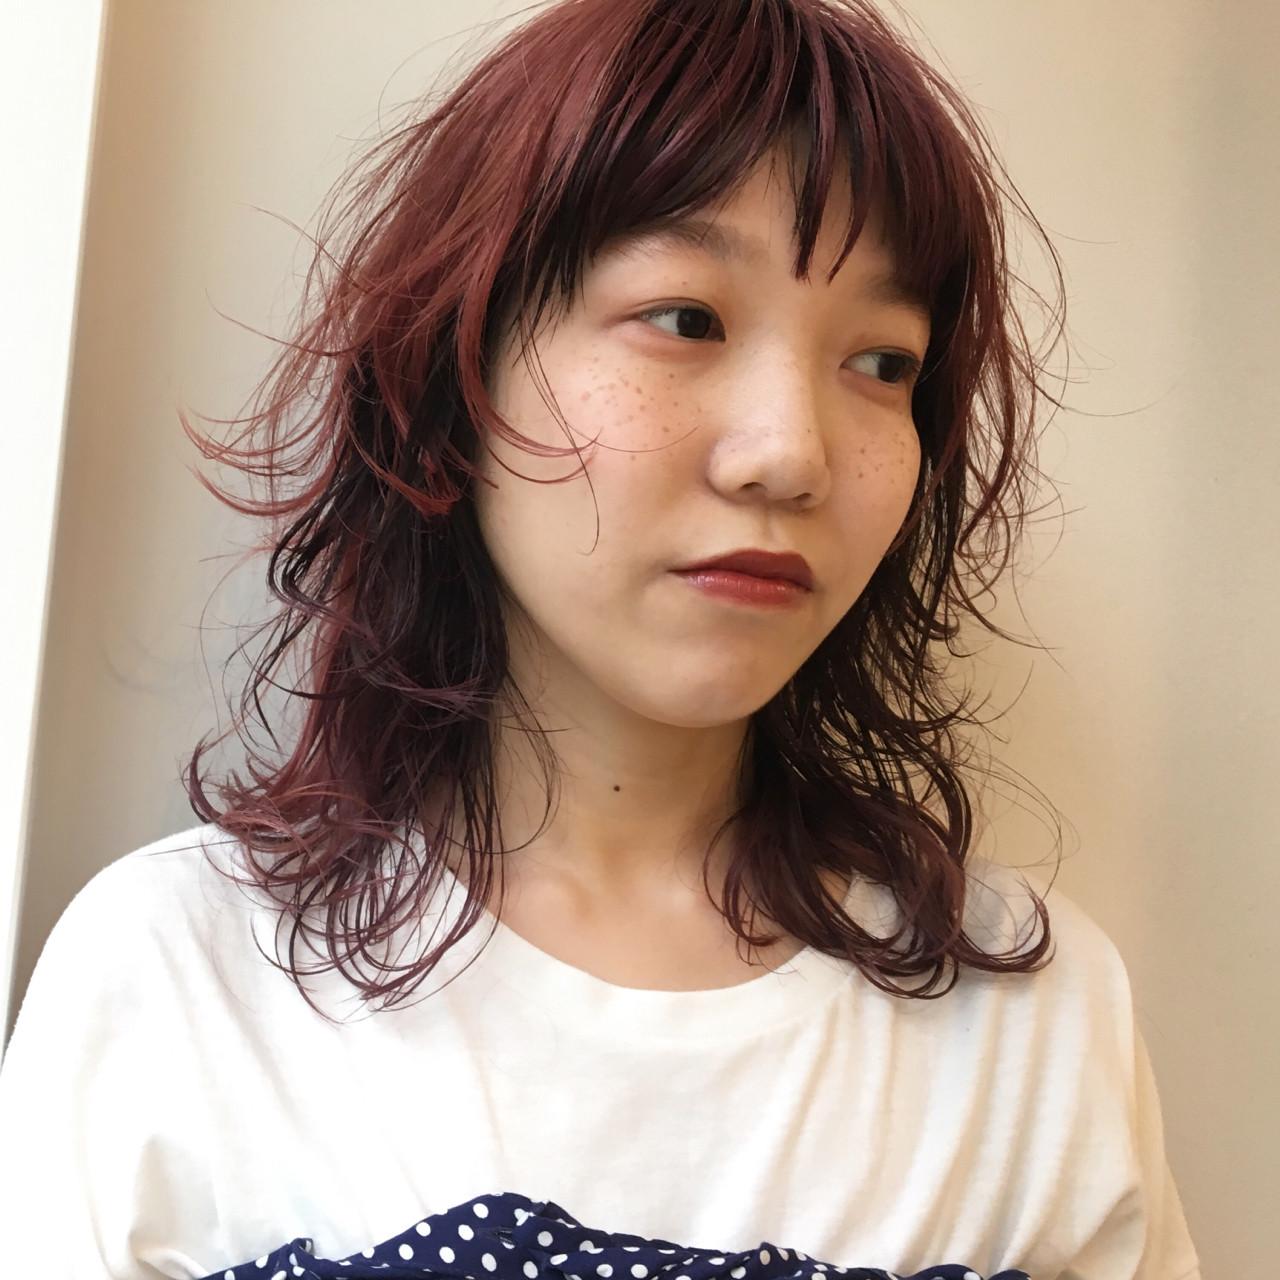 スポーツ ミディアム 簡単ヘアアレンジ アウトドア ヘアスタイルや髪型の写真・画像